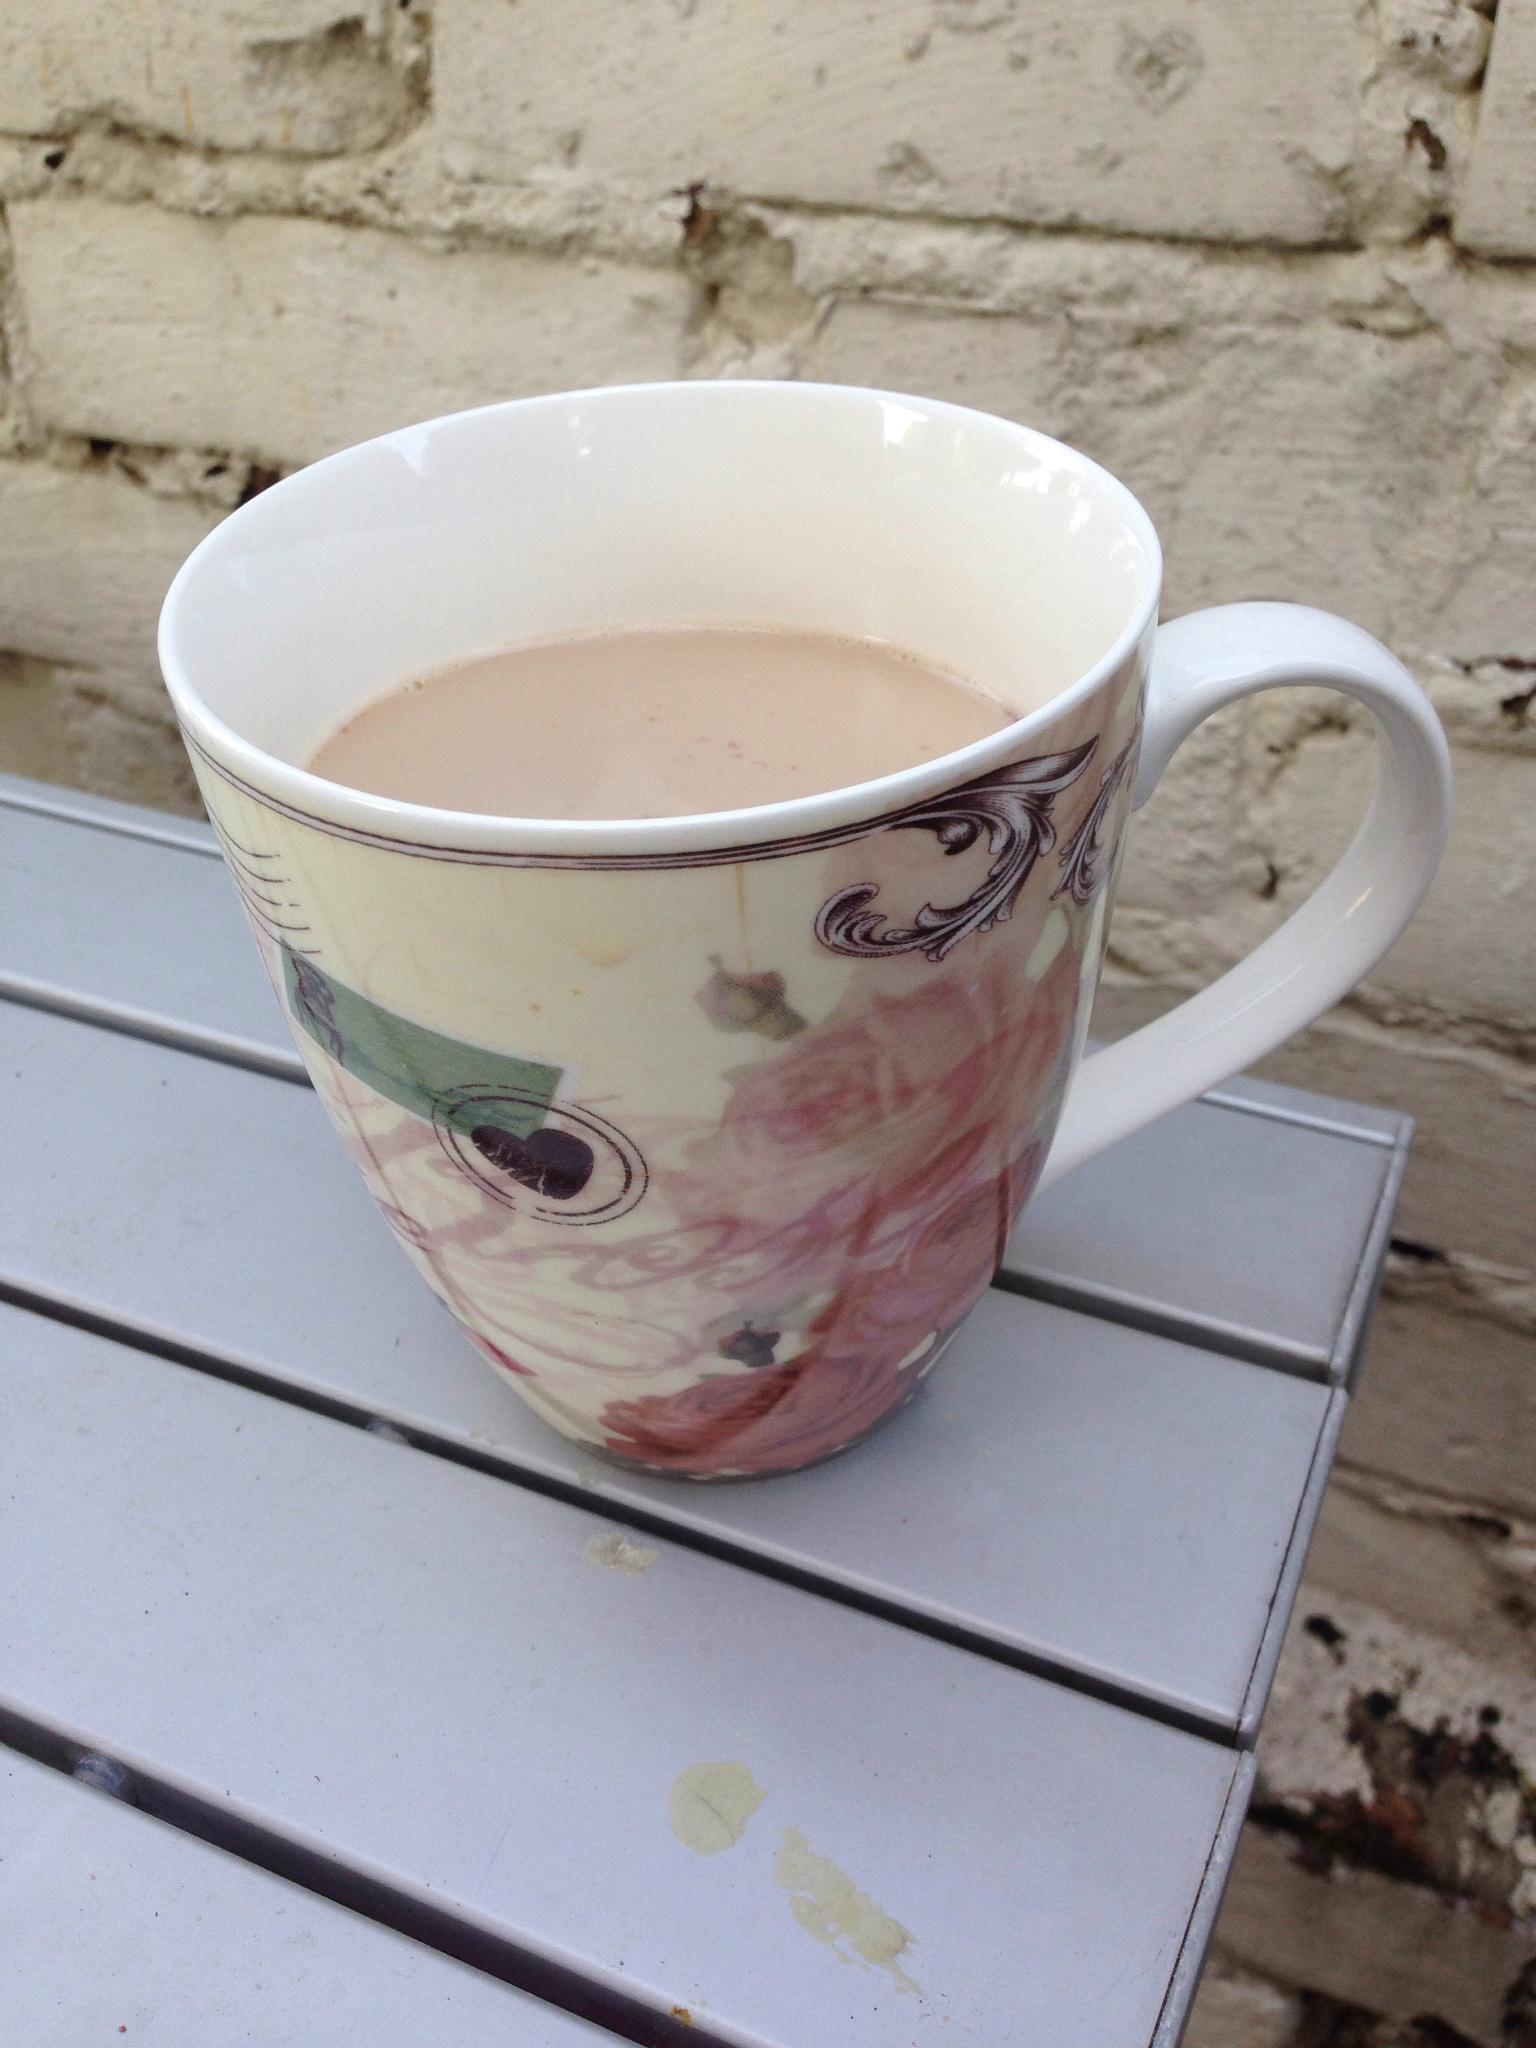 Kaffe gekleckert by Marianne Fischer